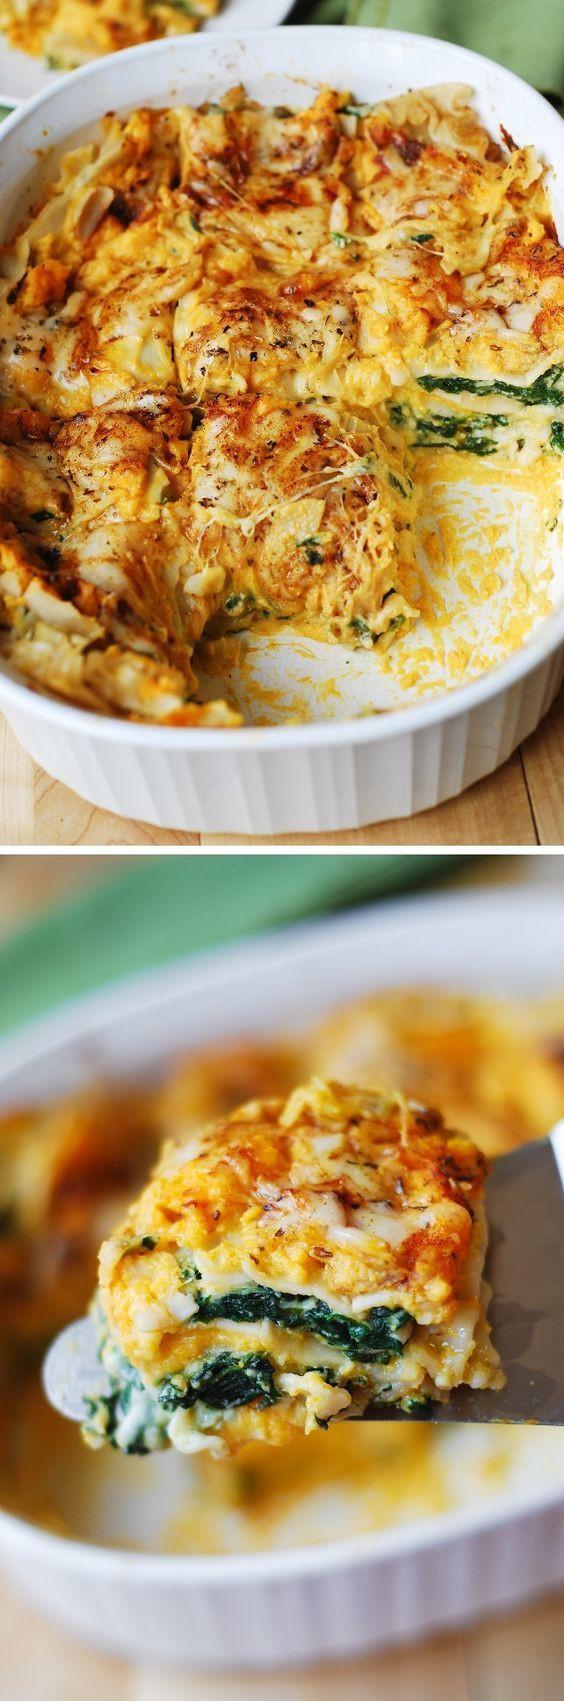 Keto Vegetarian Lasagna Keto Ve arian Lasagna